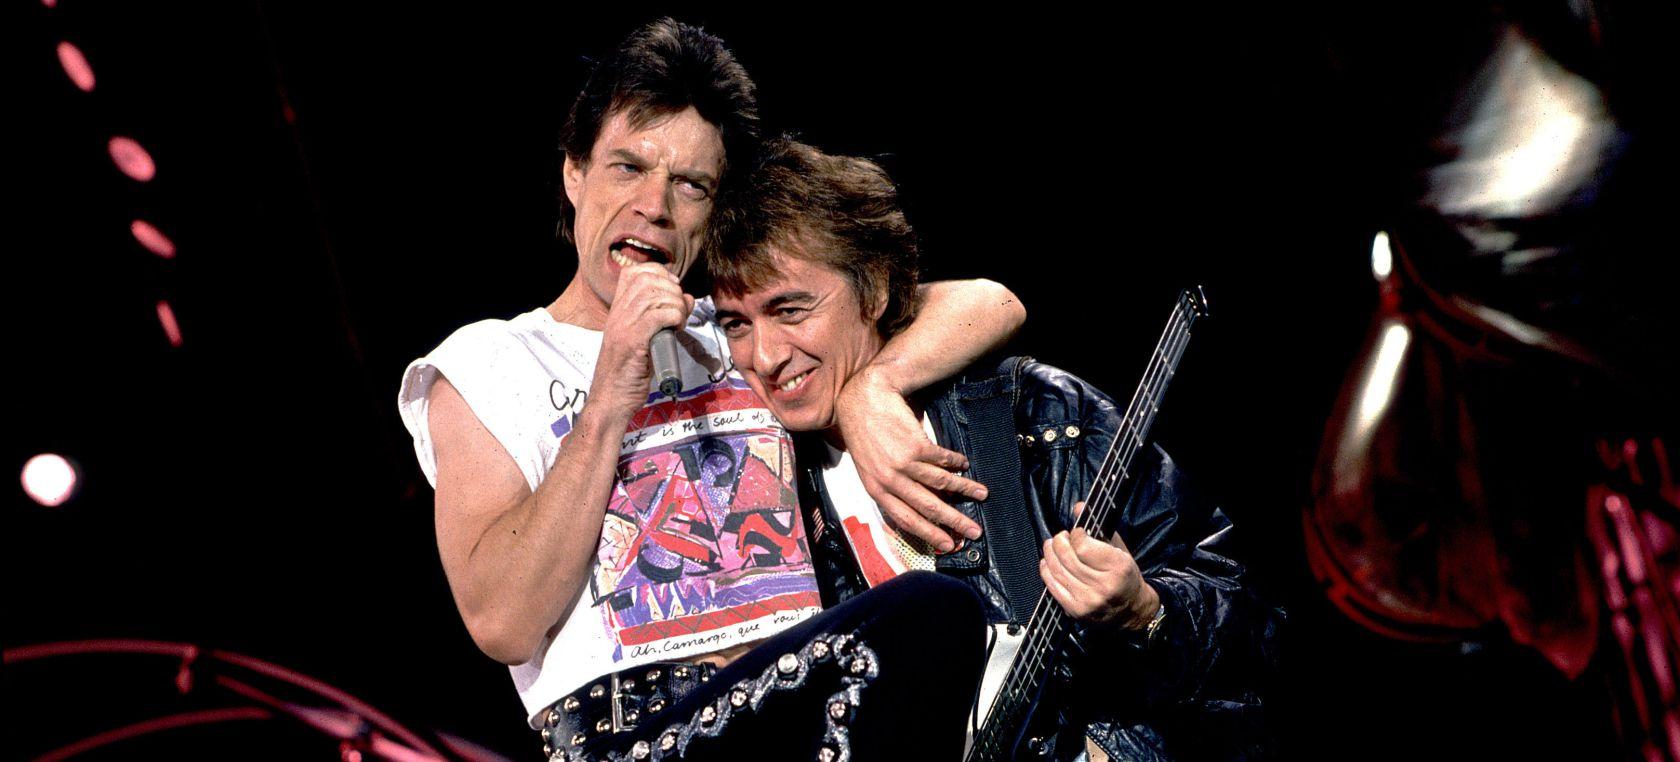 Los Rolling Stones publican el concierto inédito de 1989 'Steel Wheels Live'